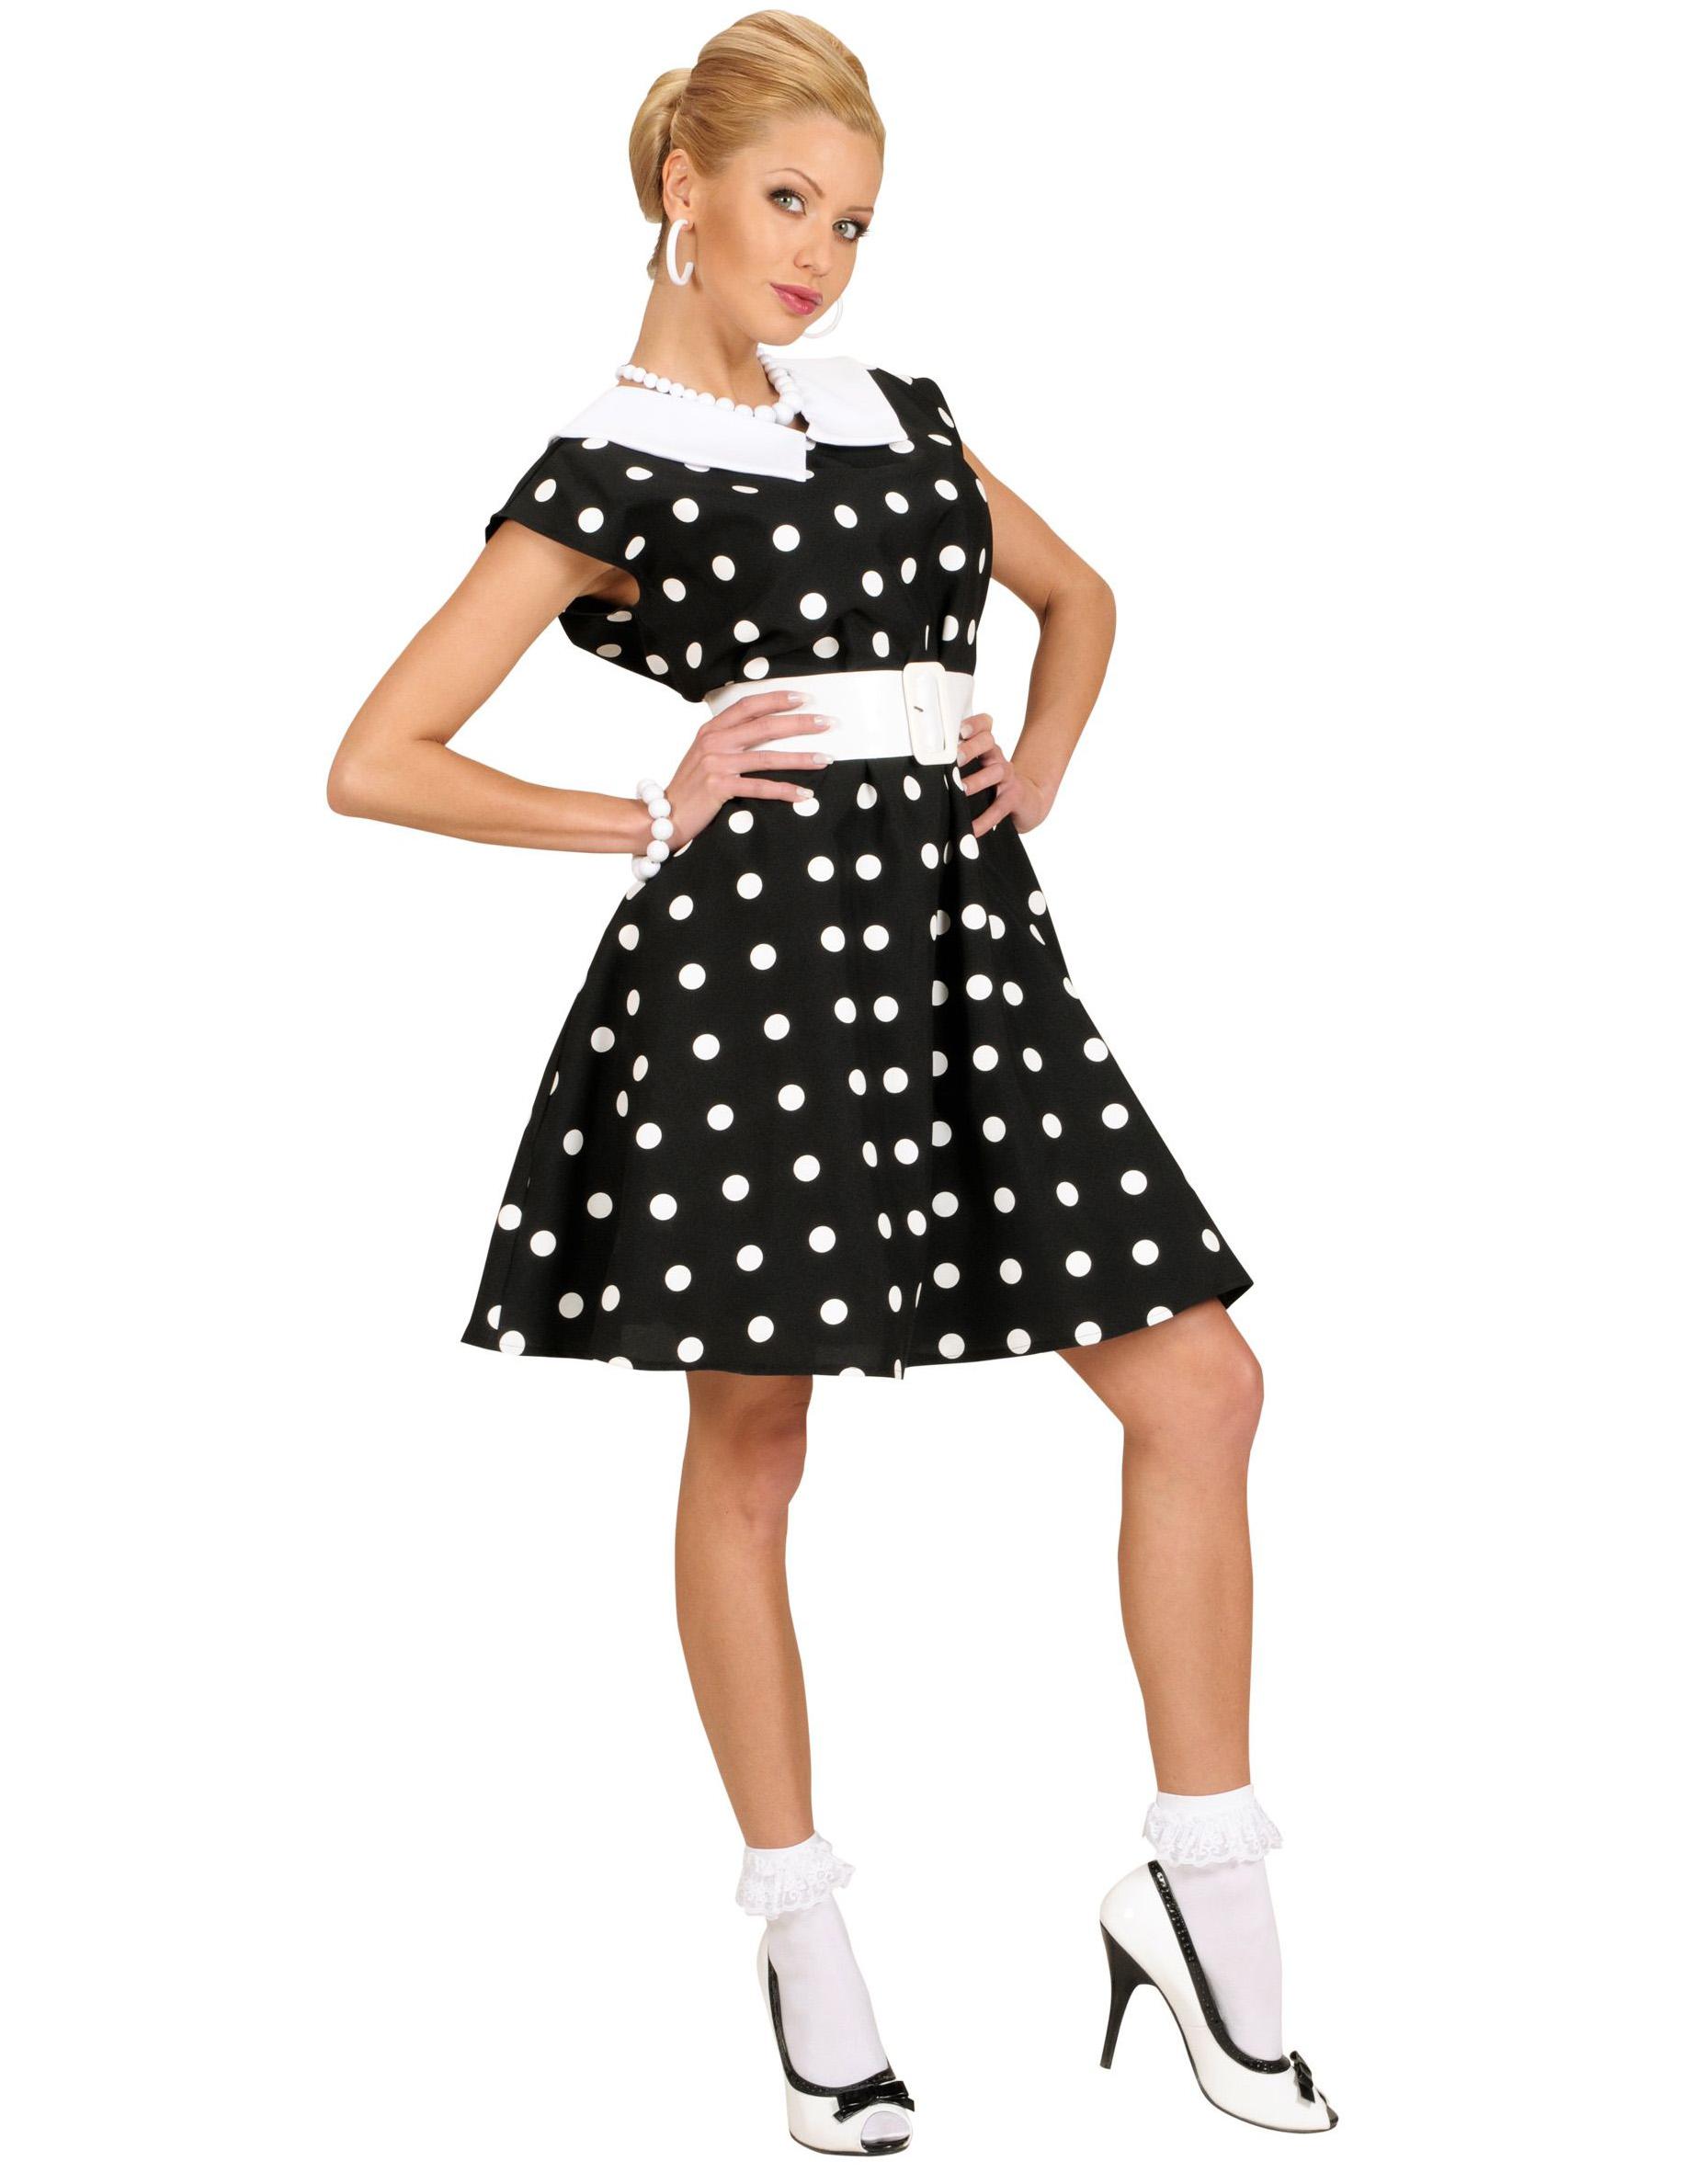 D guisement robe noire pois ann es 50 femme d coration anniversaire et f tes th me sur - Tenue annee 50 ...